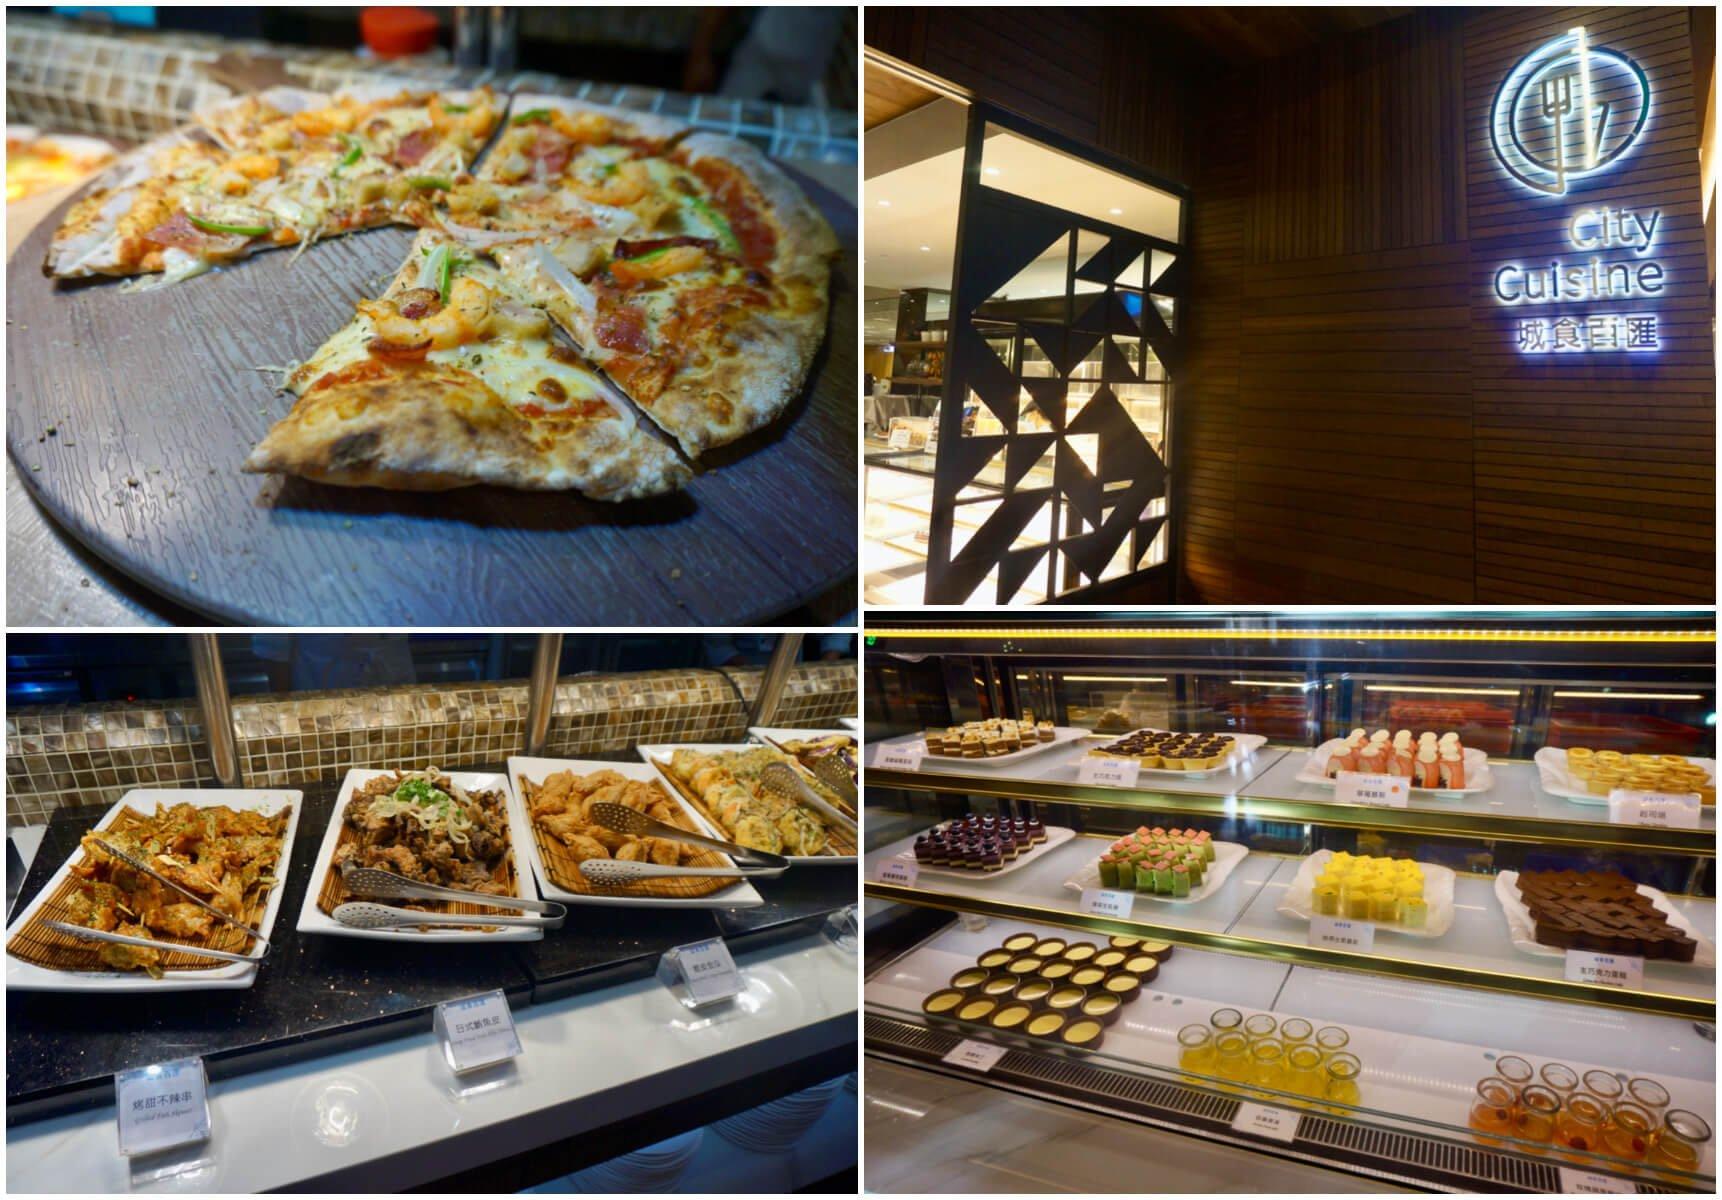 台南夏都城旅—城食百匯自助餐廳| 追求好口味的飯店buffet餐廳